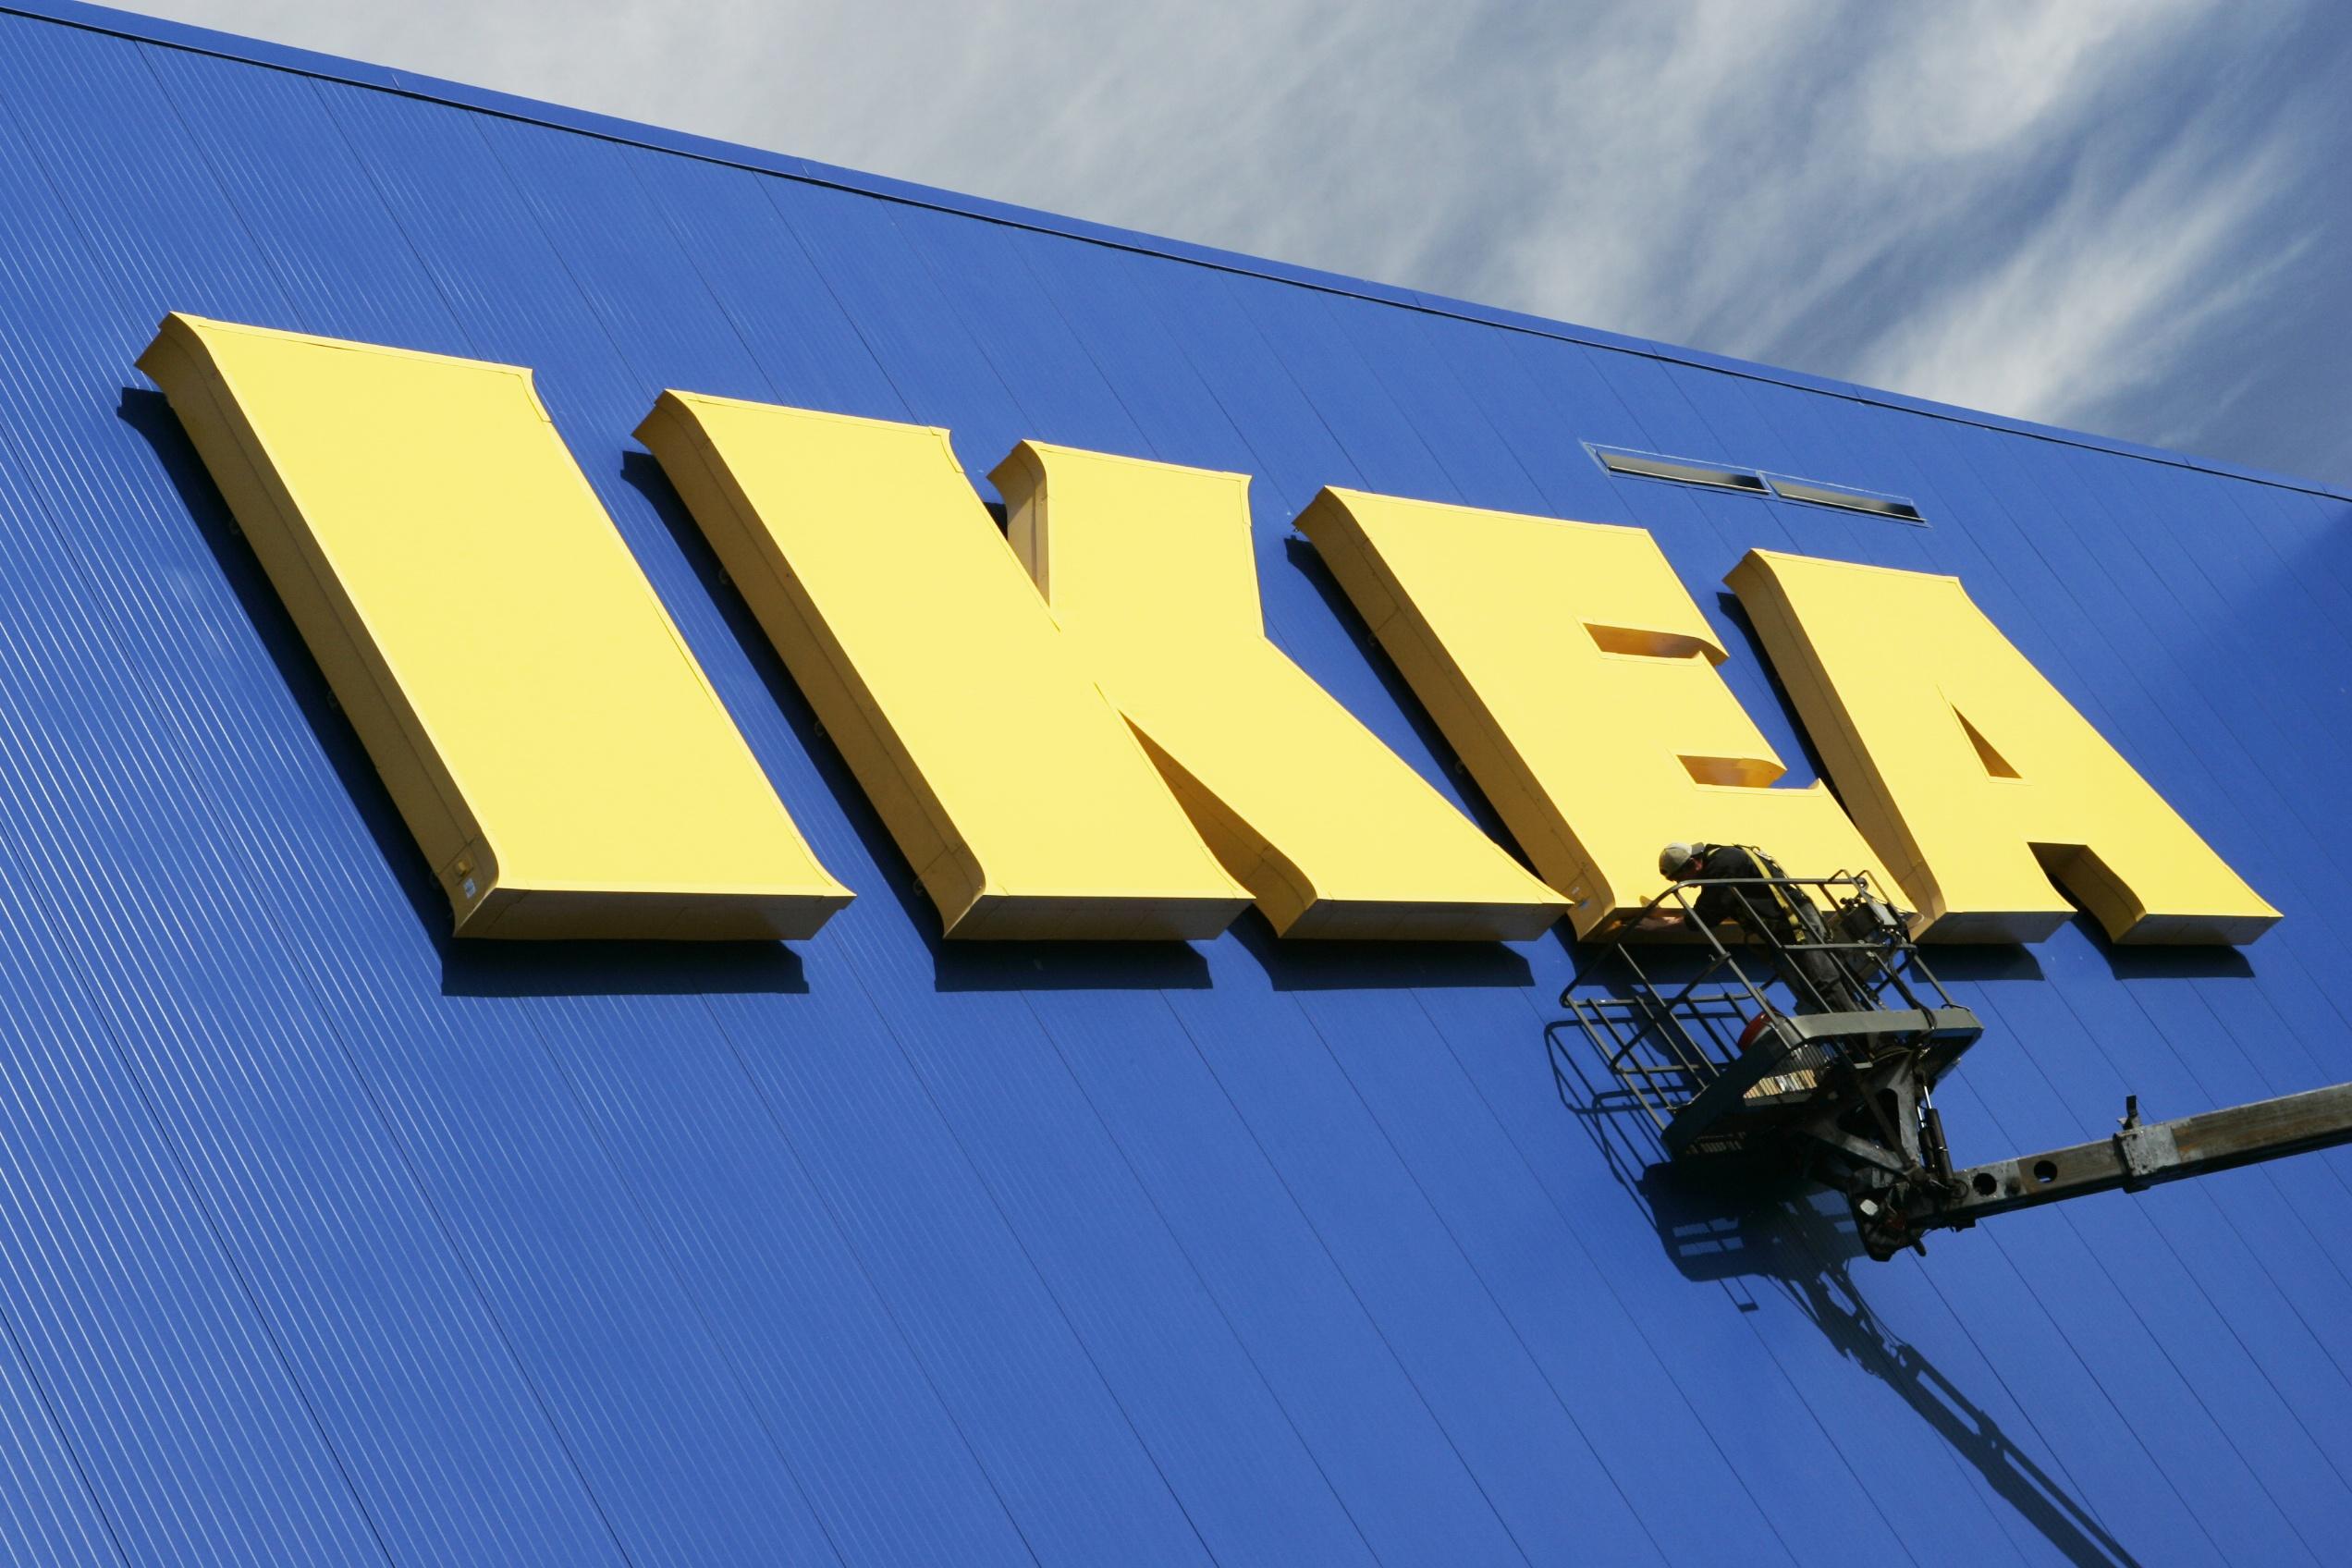 Full Size of 3344818html Vinylboden Küche Arbeitsplatte Komplettküche Kleine L Form Anrichte Wasserhahn Raffrollo Industrielook Schmales Regal Singelküche Wohnzimmer Barrierefreie Küche Ikea